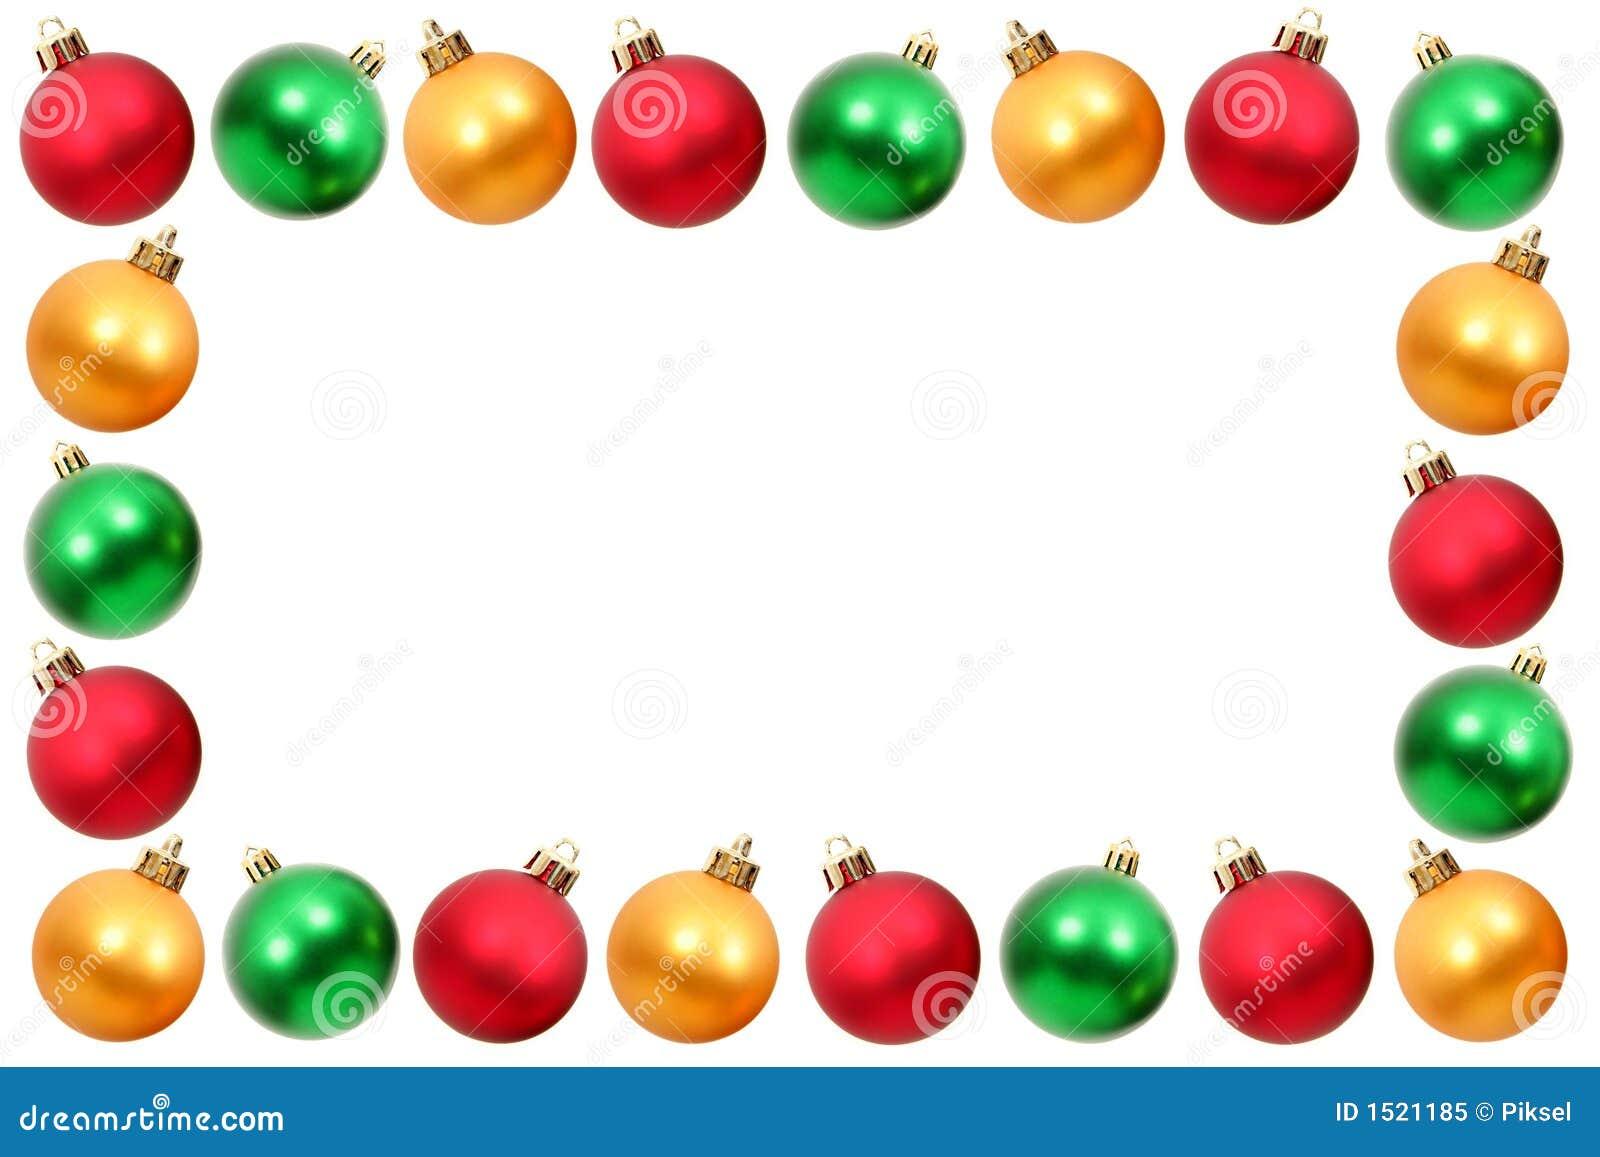 Christmas frame made from colorful christmas balls.